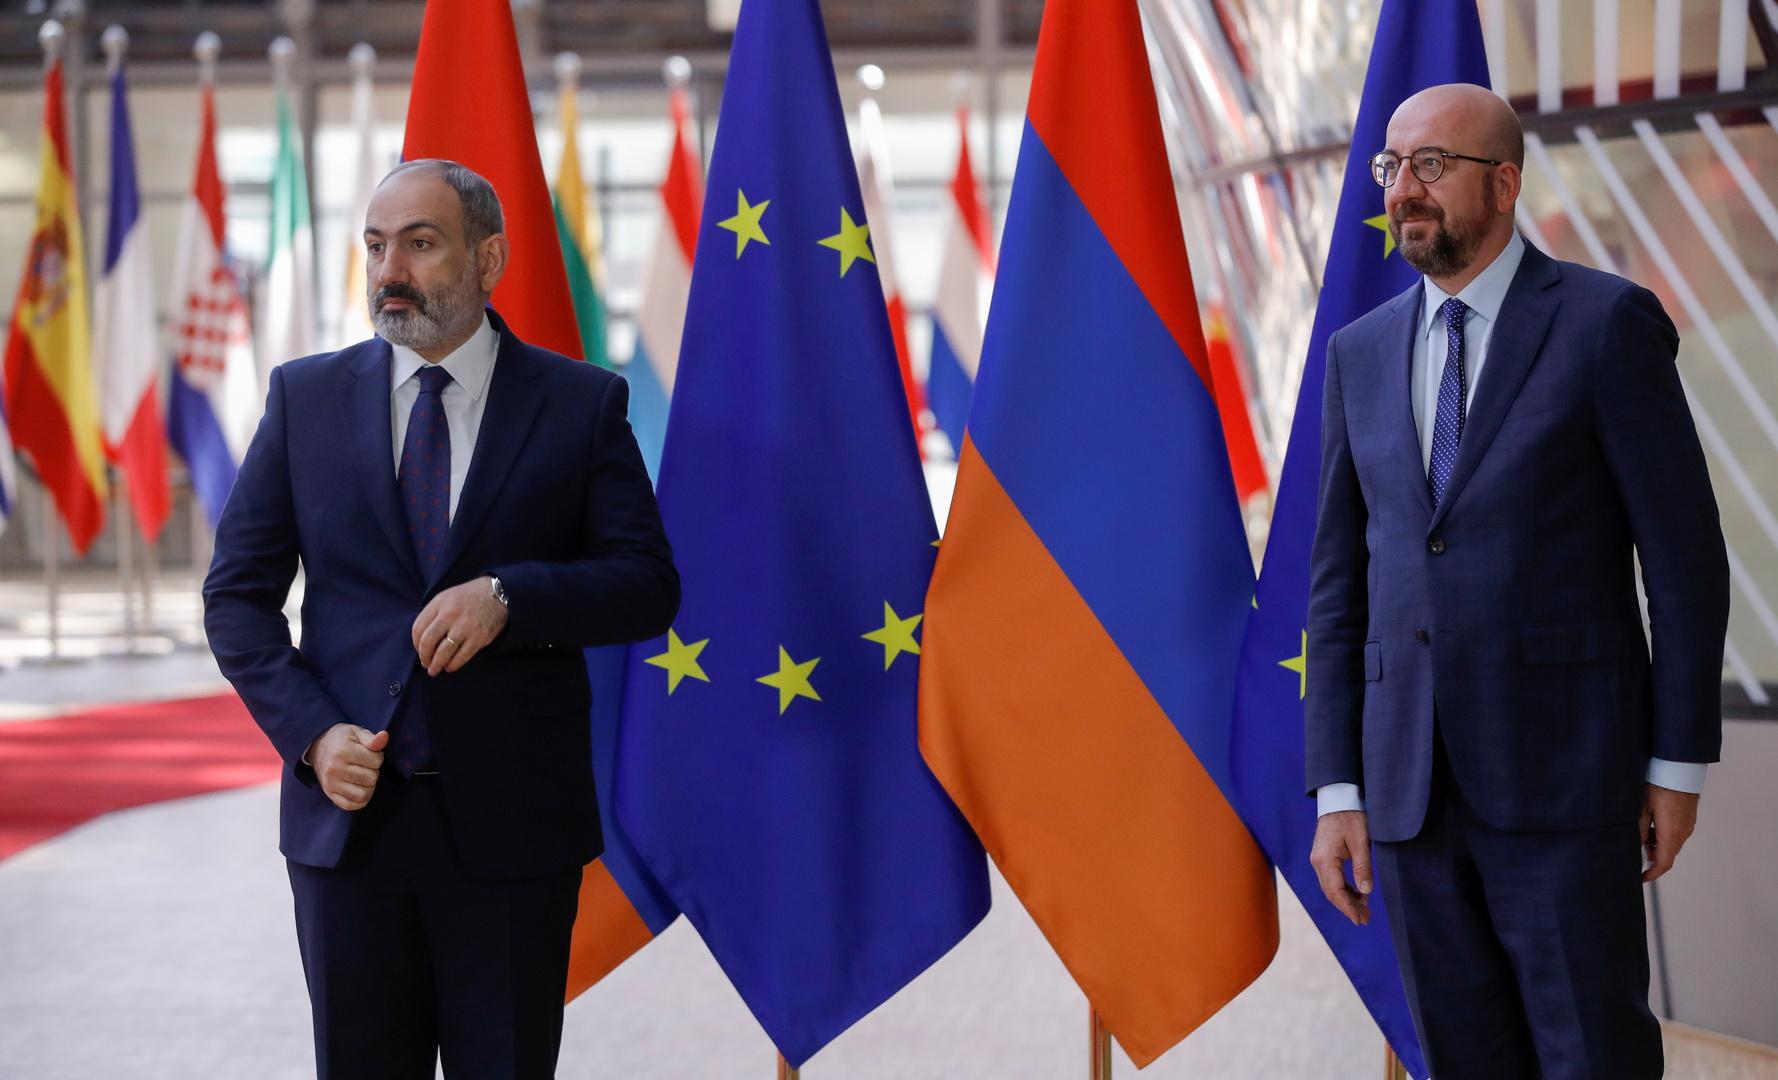 رئيس المجلس الأوروبي شارل ميشيل والقائم بأعمال رئيس الوزراء الأرمني نيكول باشينيان